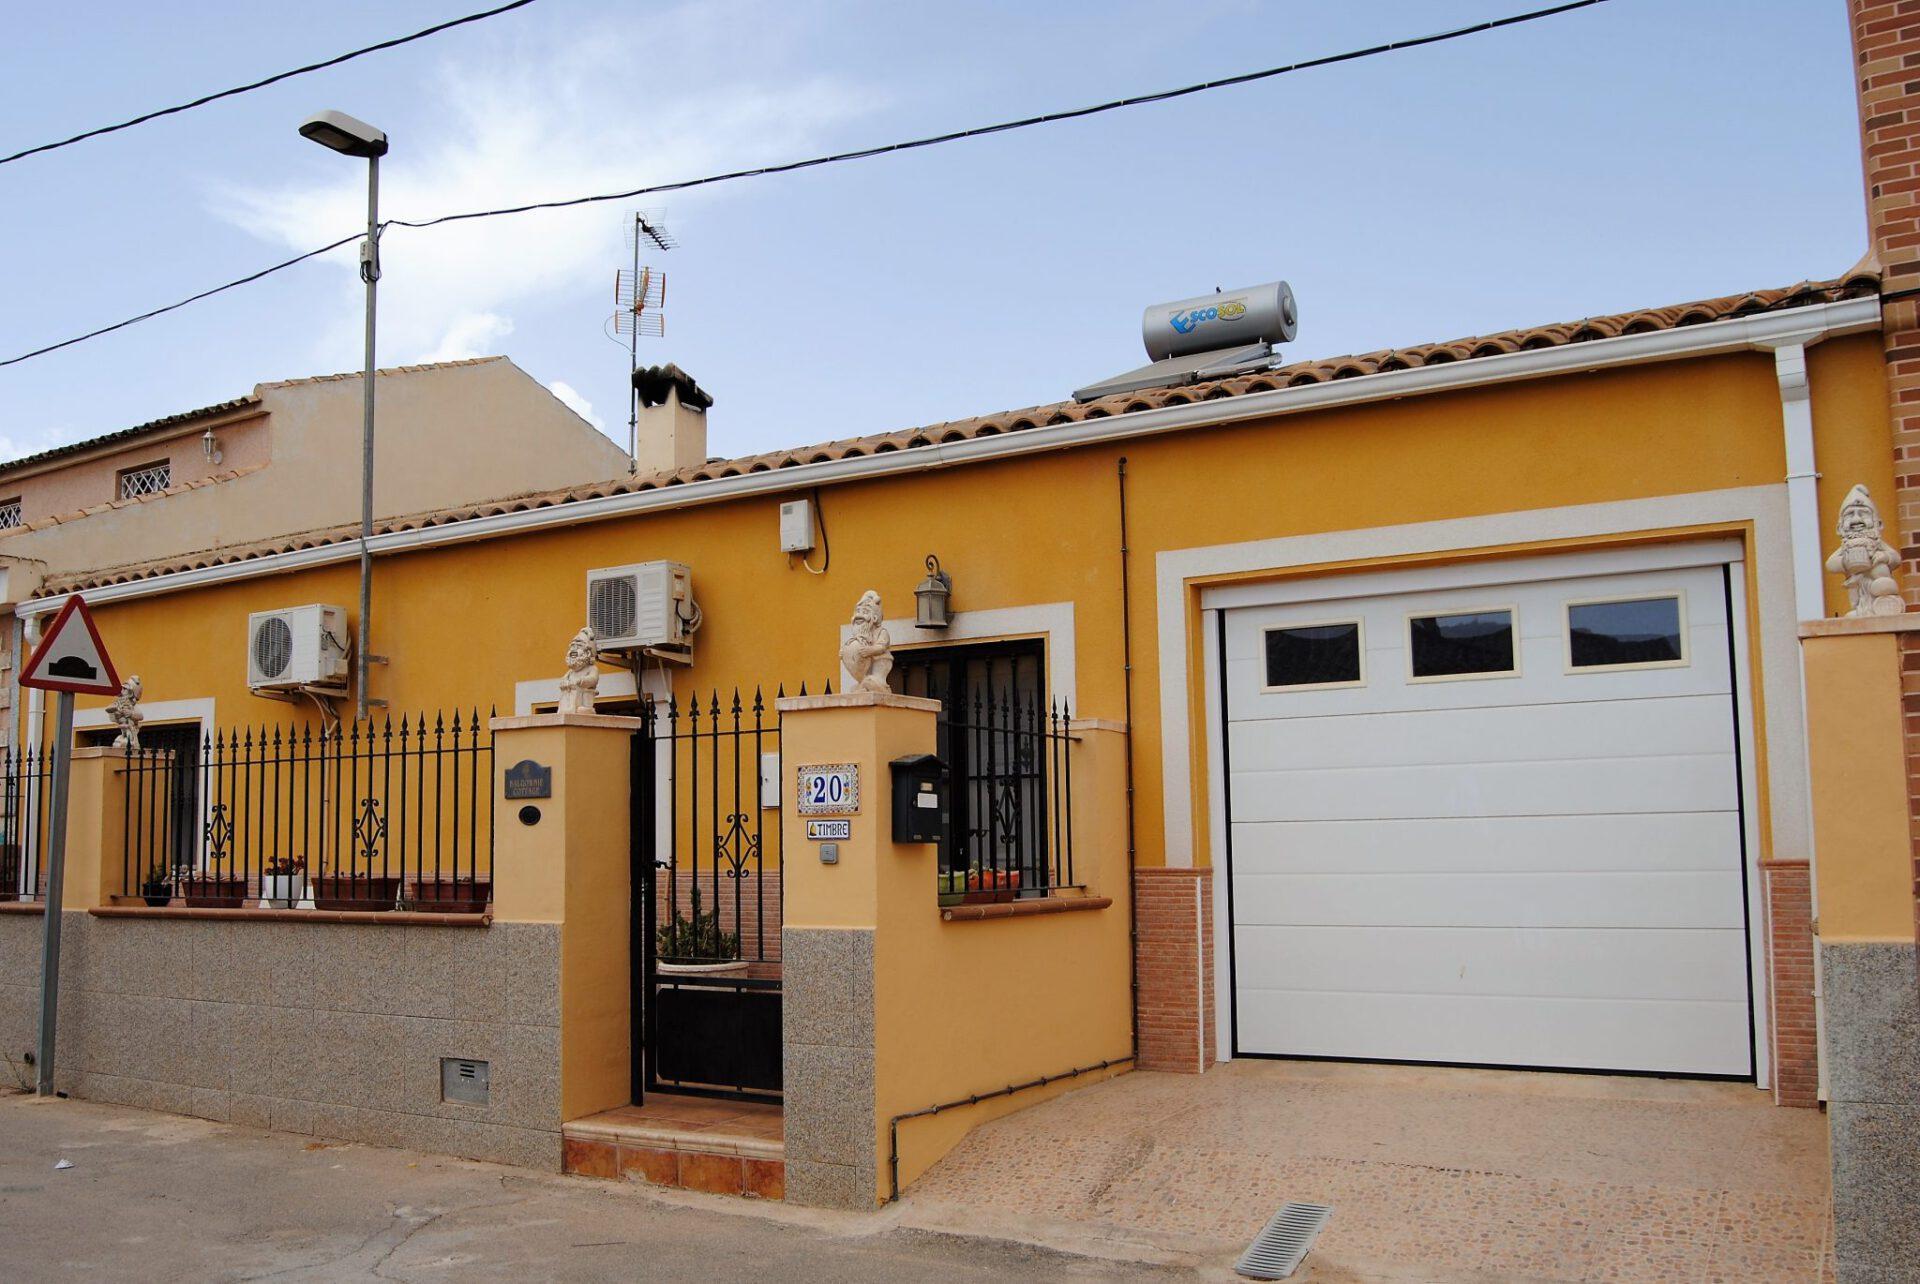 Casa De Campo En El Estrecho Fuente Alamo Murcia